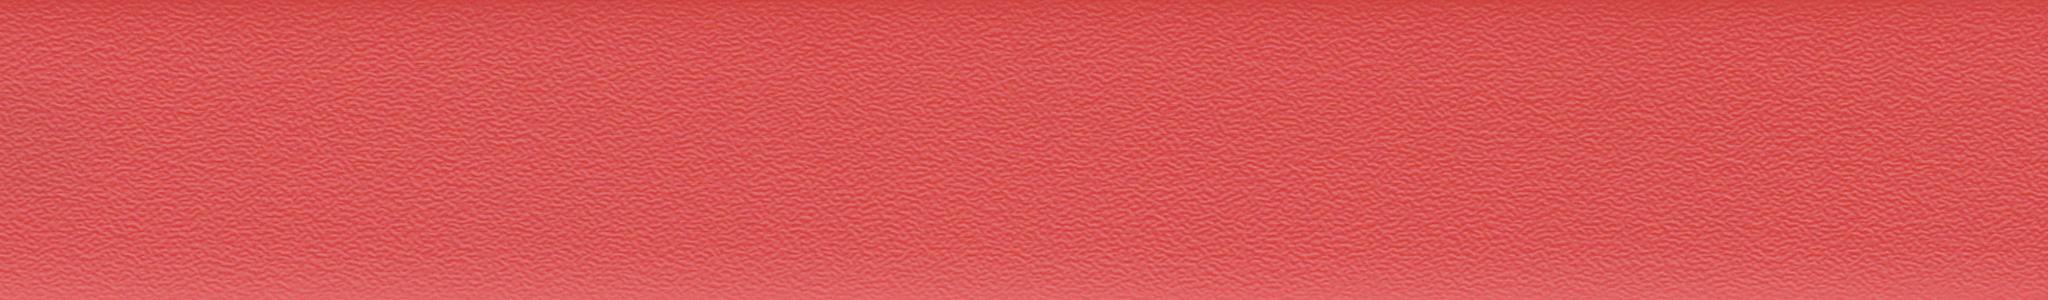 HU 13000 ABS hrana červená perla 101